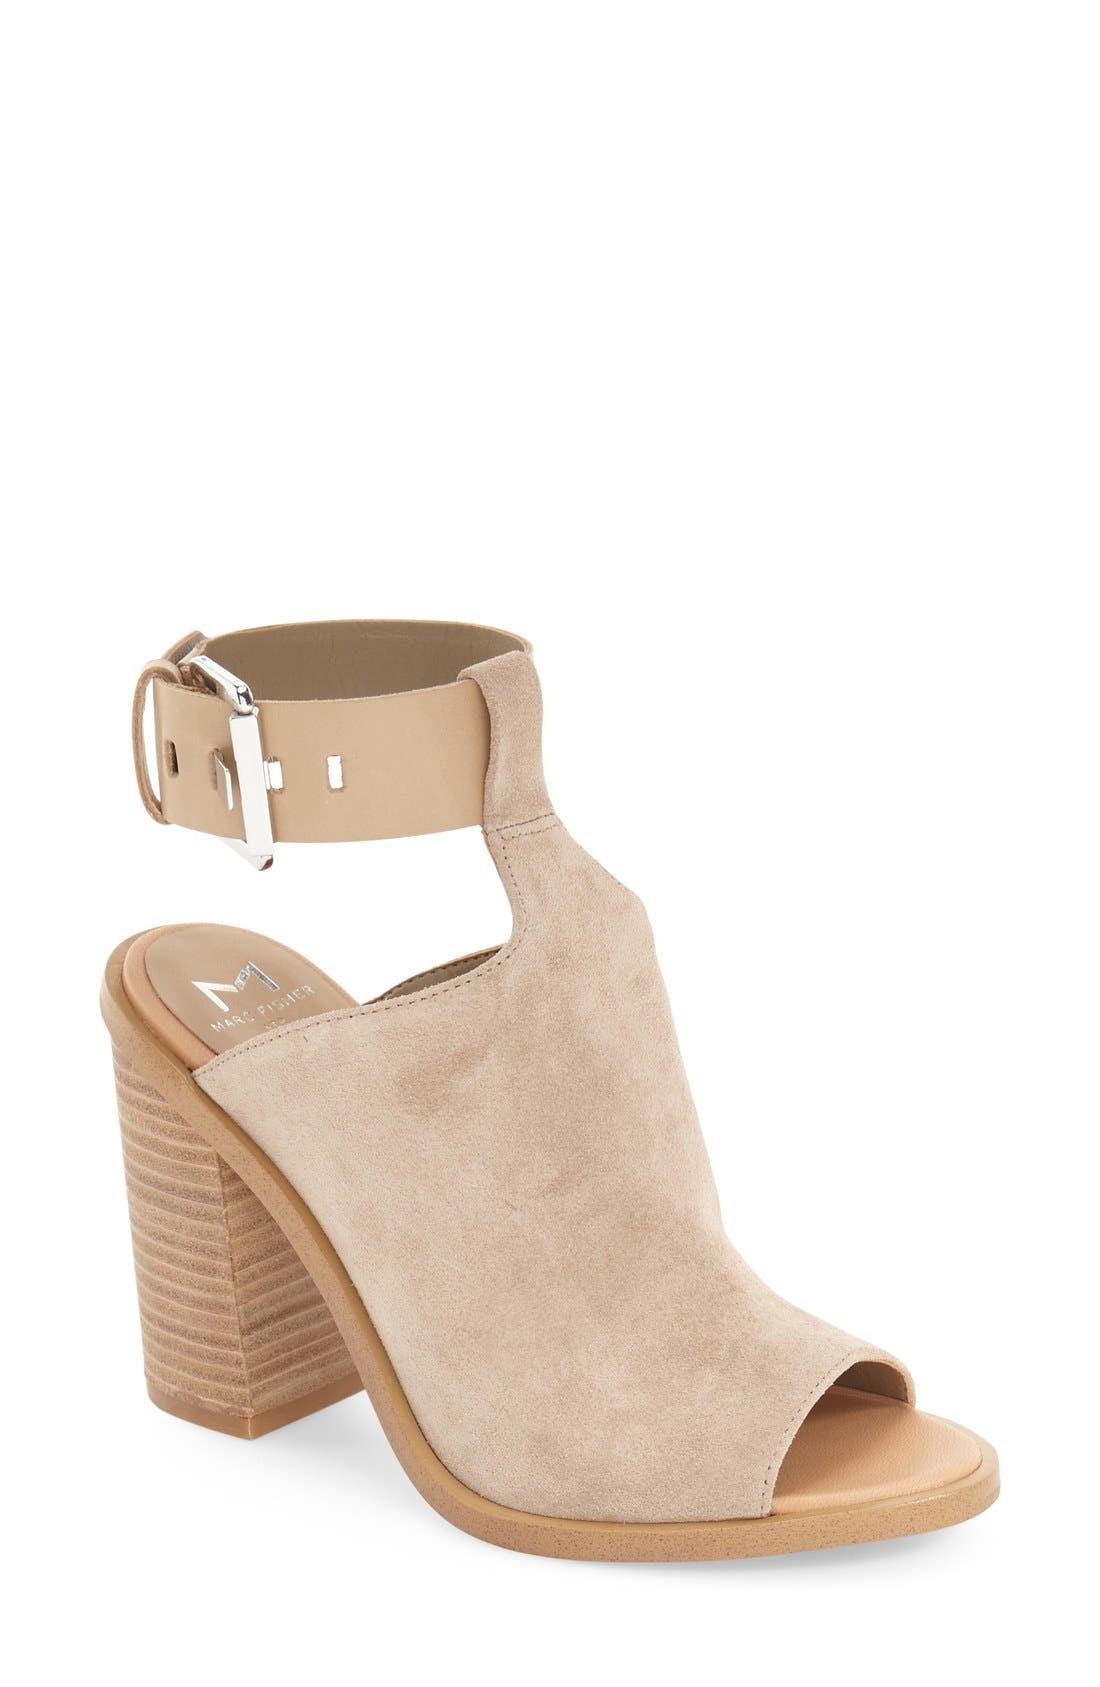 Alternate Image 1 Selected - Marc Fisher LTD Vashi Ankle Strap Sandal (Women)